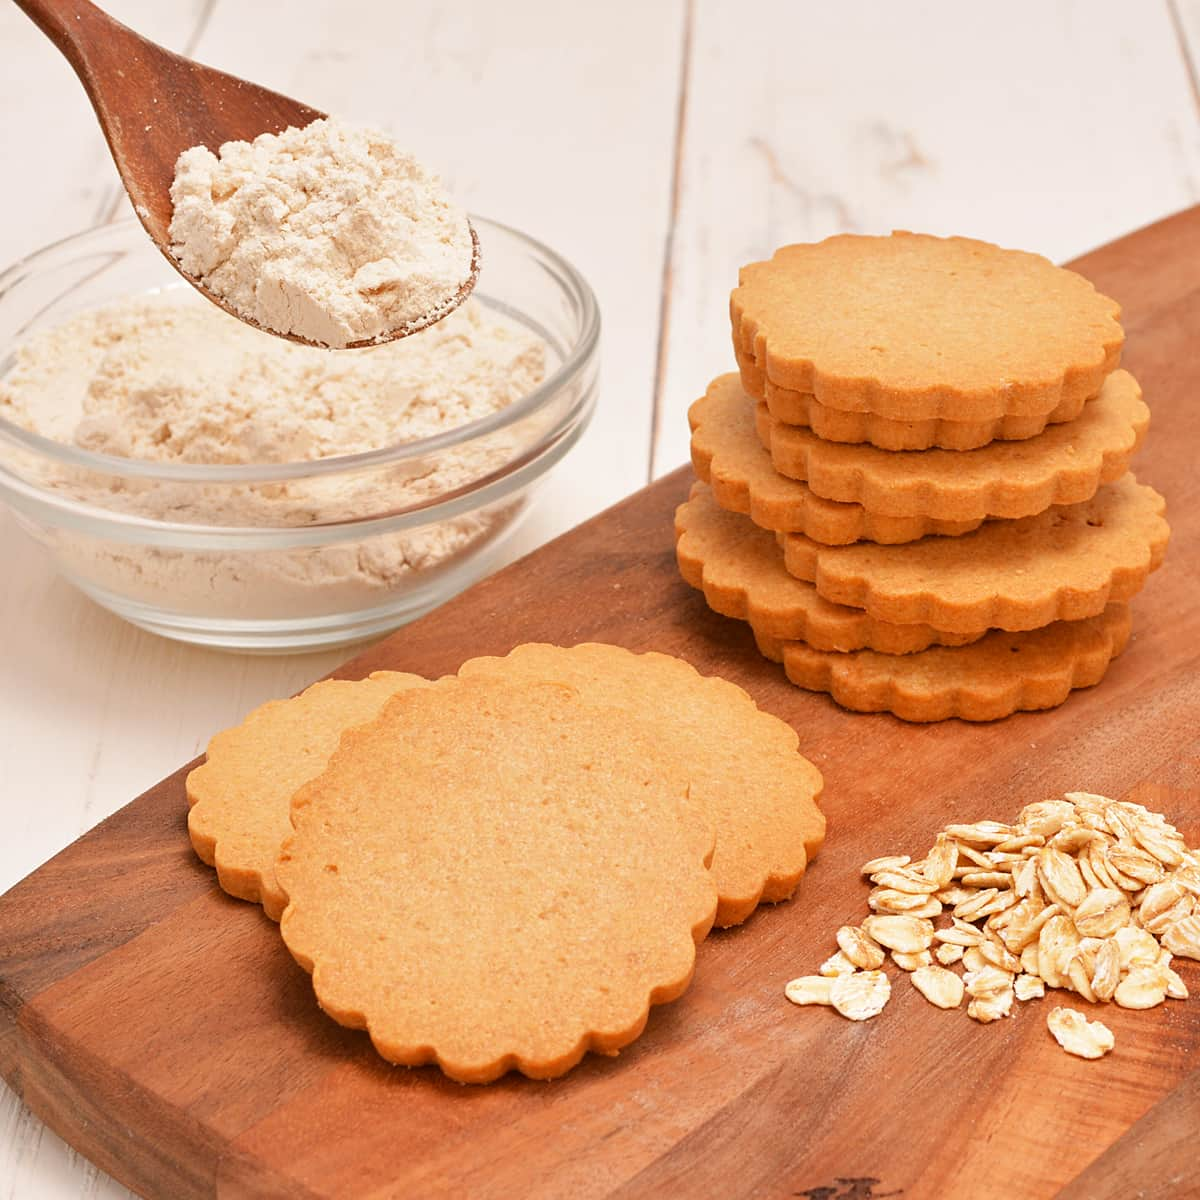 クッキーなどの焼き菓子に使っている小麦粉を、100%置き換えてもおいしい